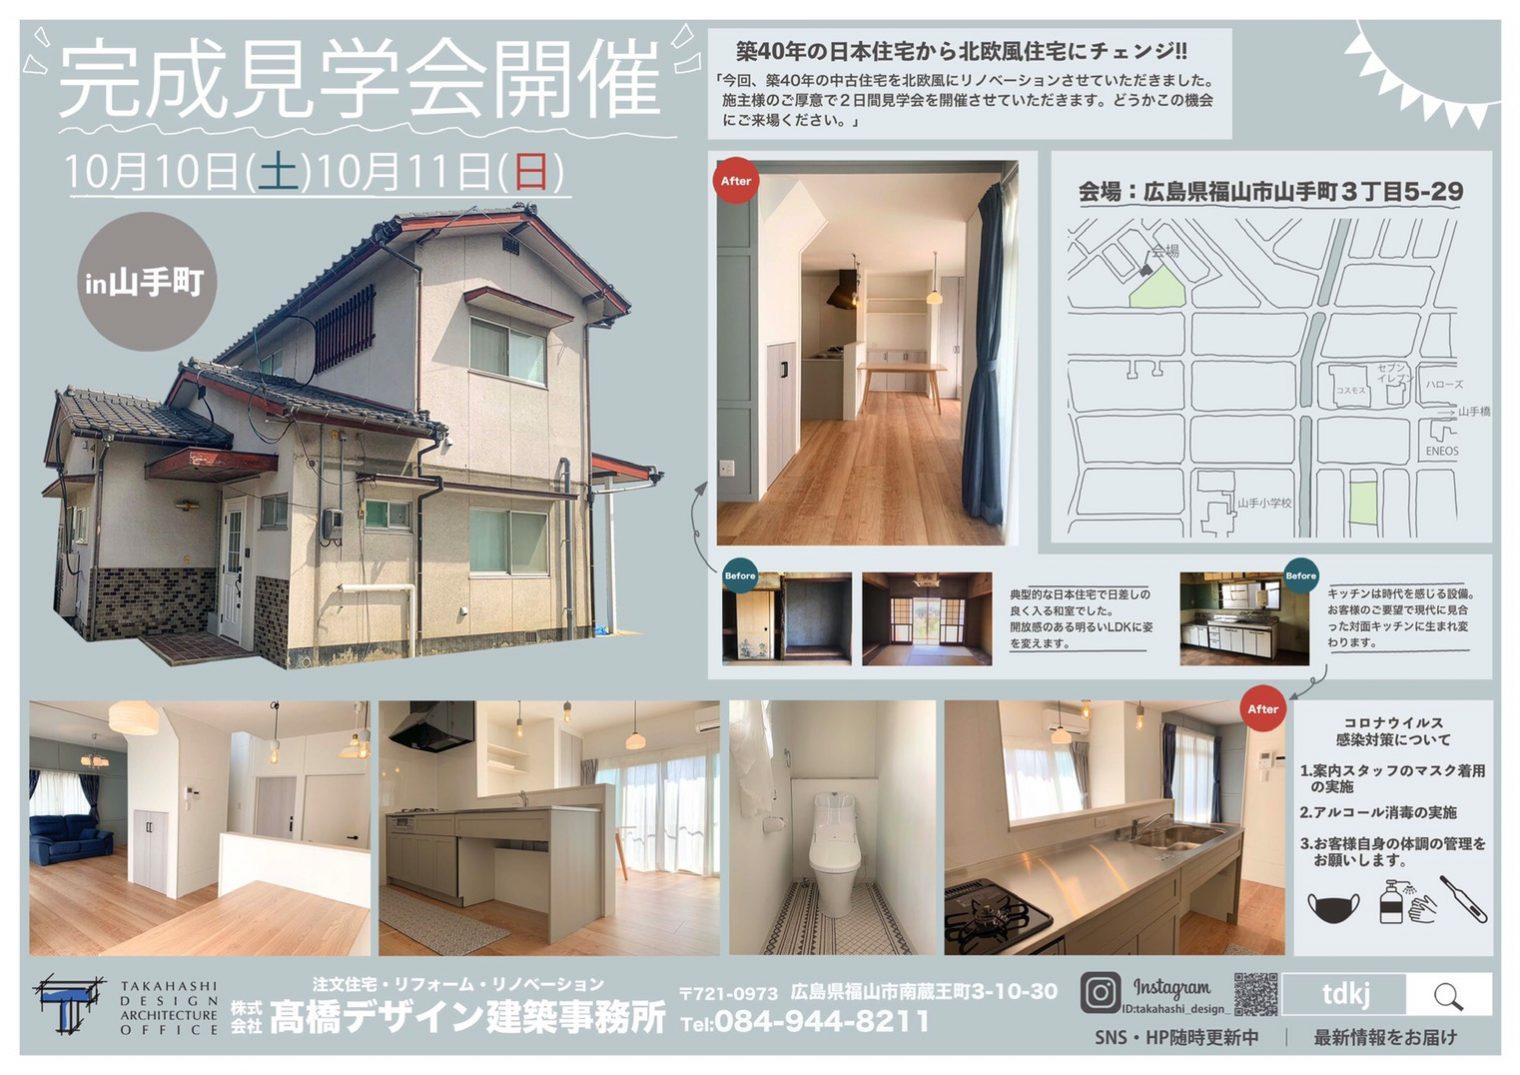 山手町リノベーション物件オープンハウス開催します!